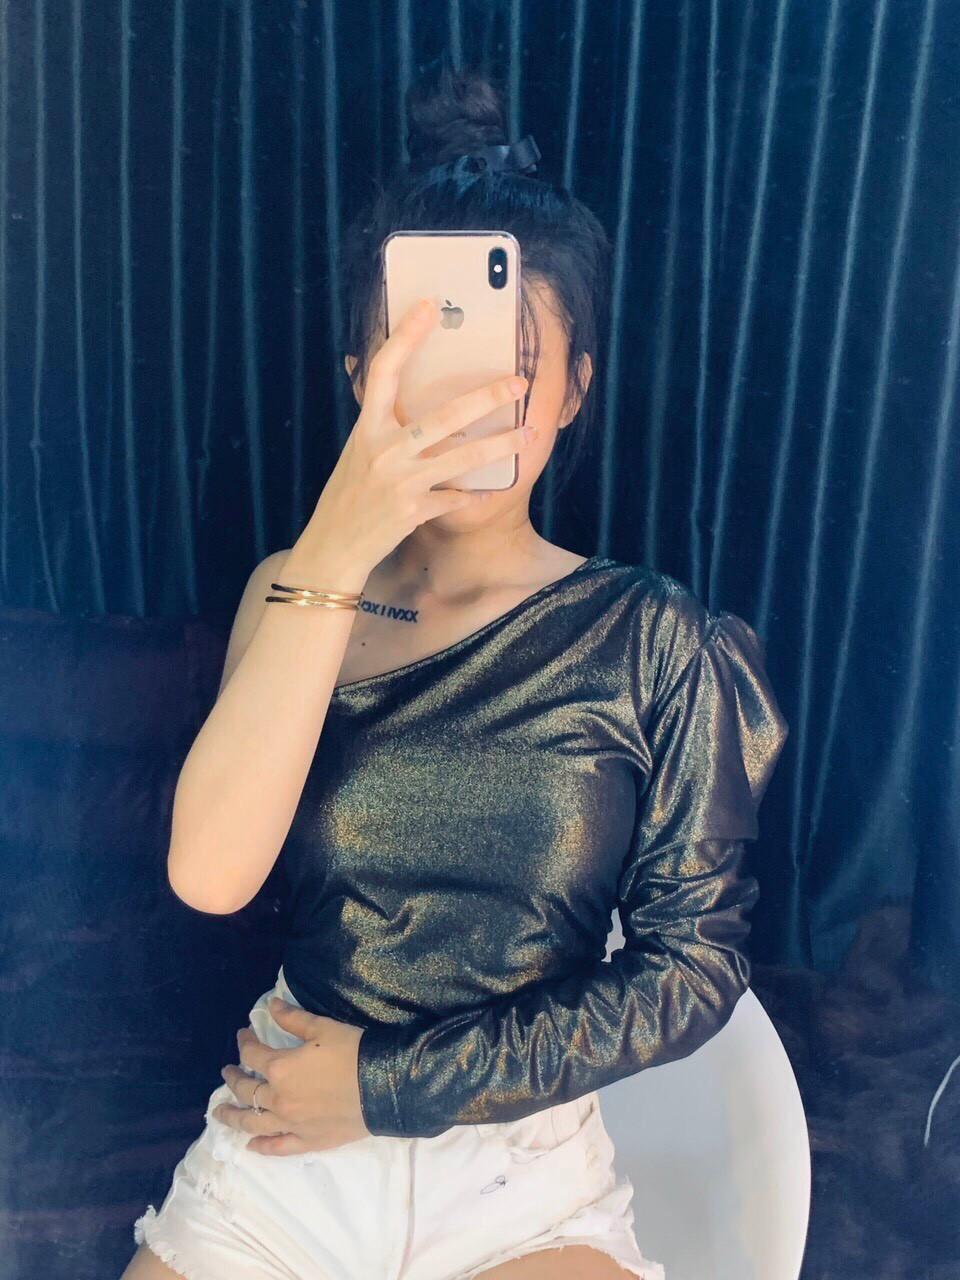 Áo nữ kiểu lệch vai 1 tay Dương Quá, Áo kiểu thời trang nữ, áo một tay màu mới ánh kim lạ mắt